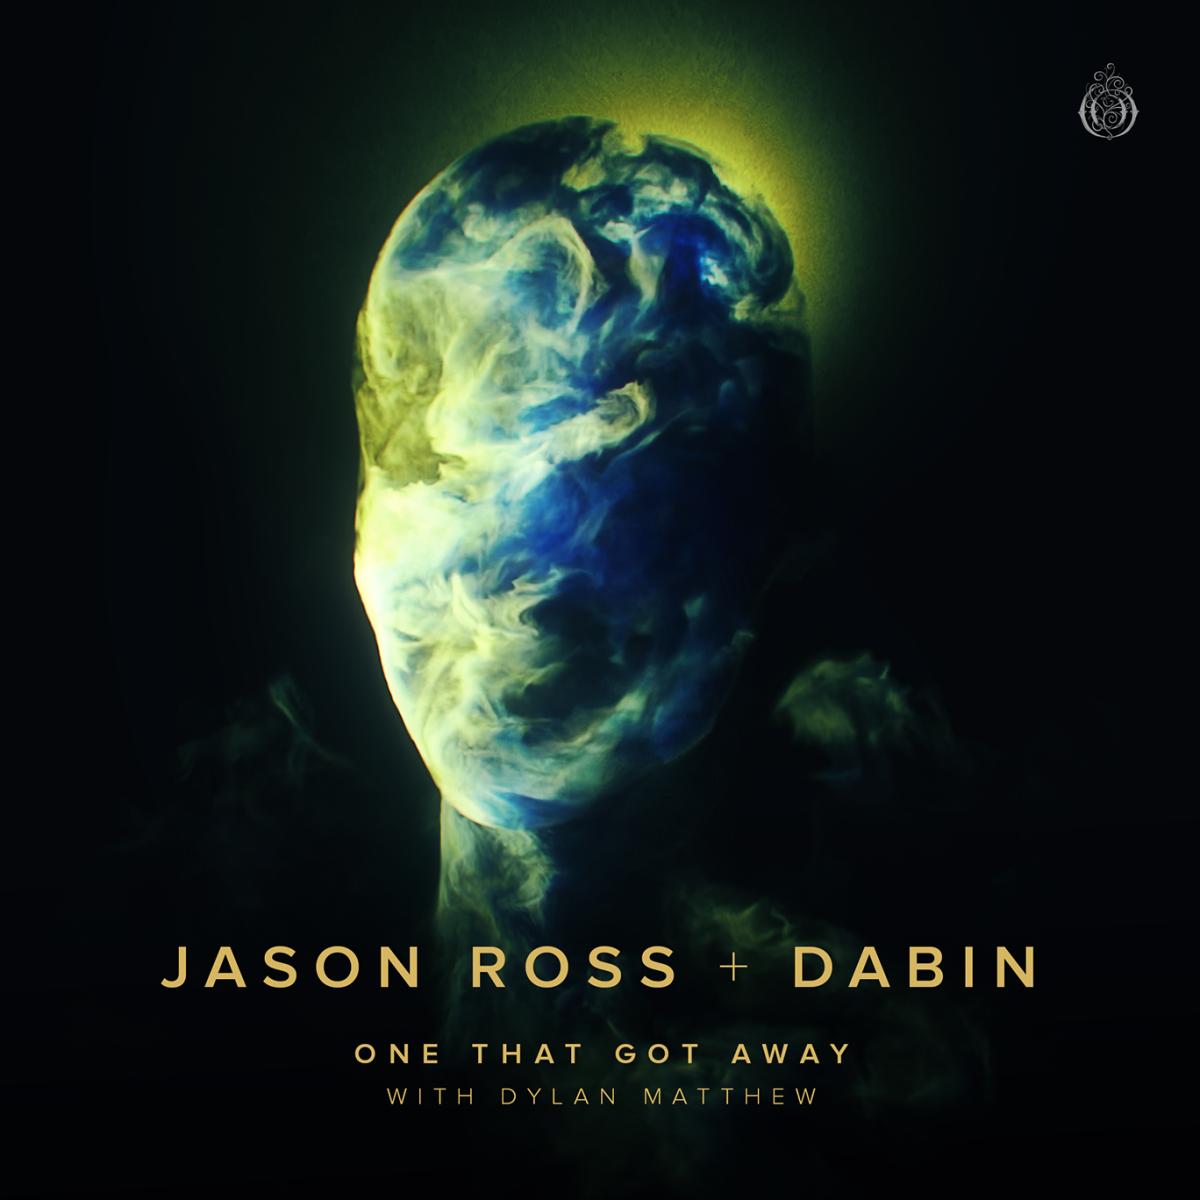 Jason Ross & Dabin - One That Got Away (feat. Dylan Matthew) - ALBUM ARTWORK